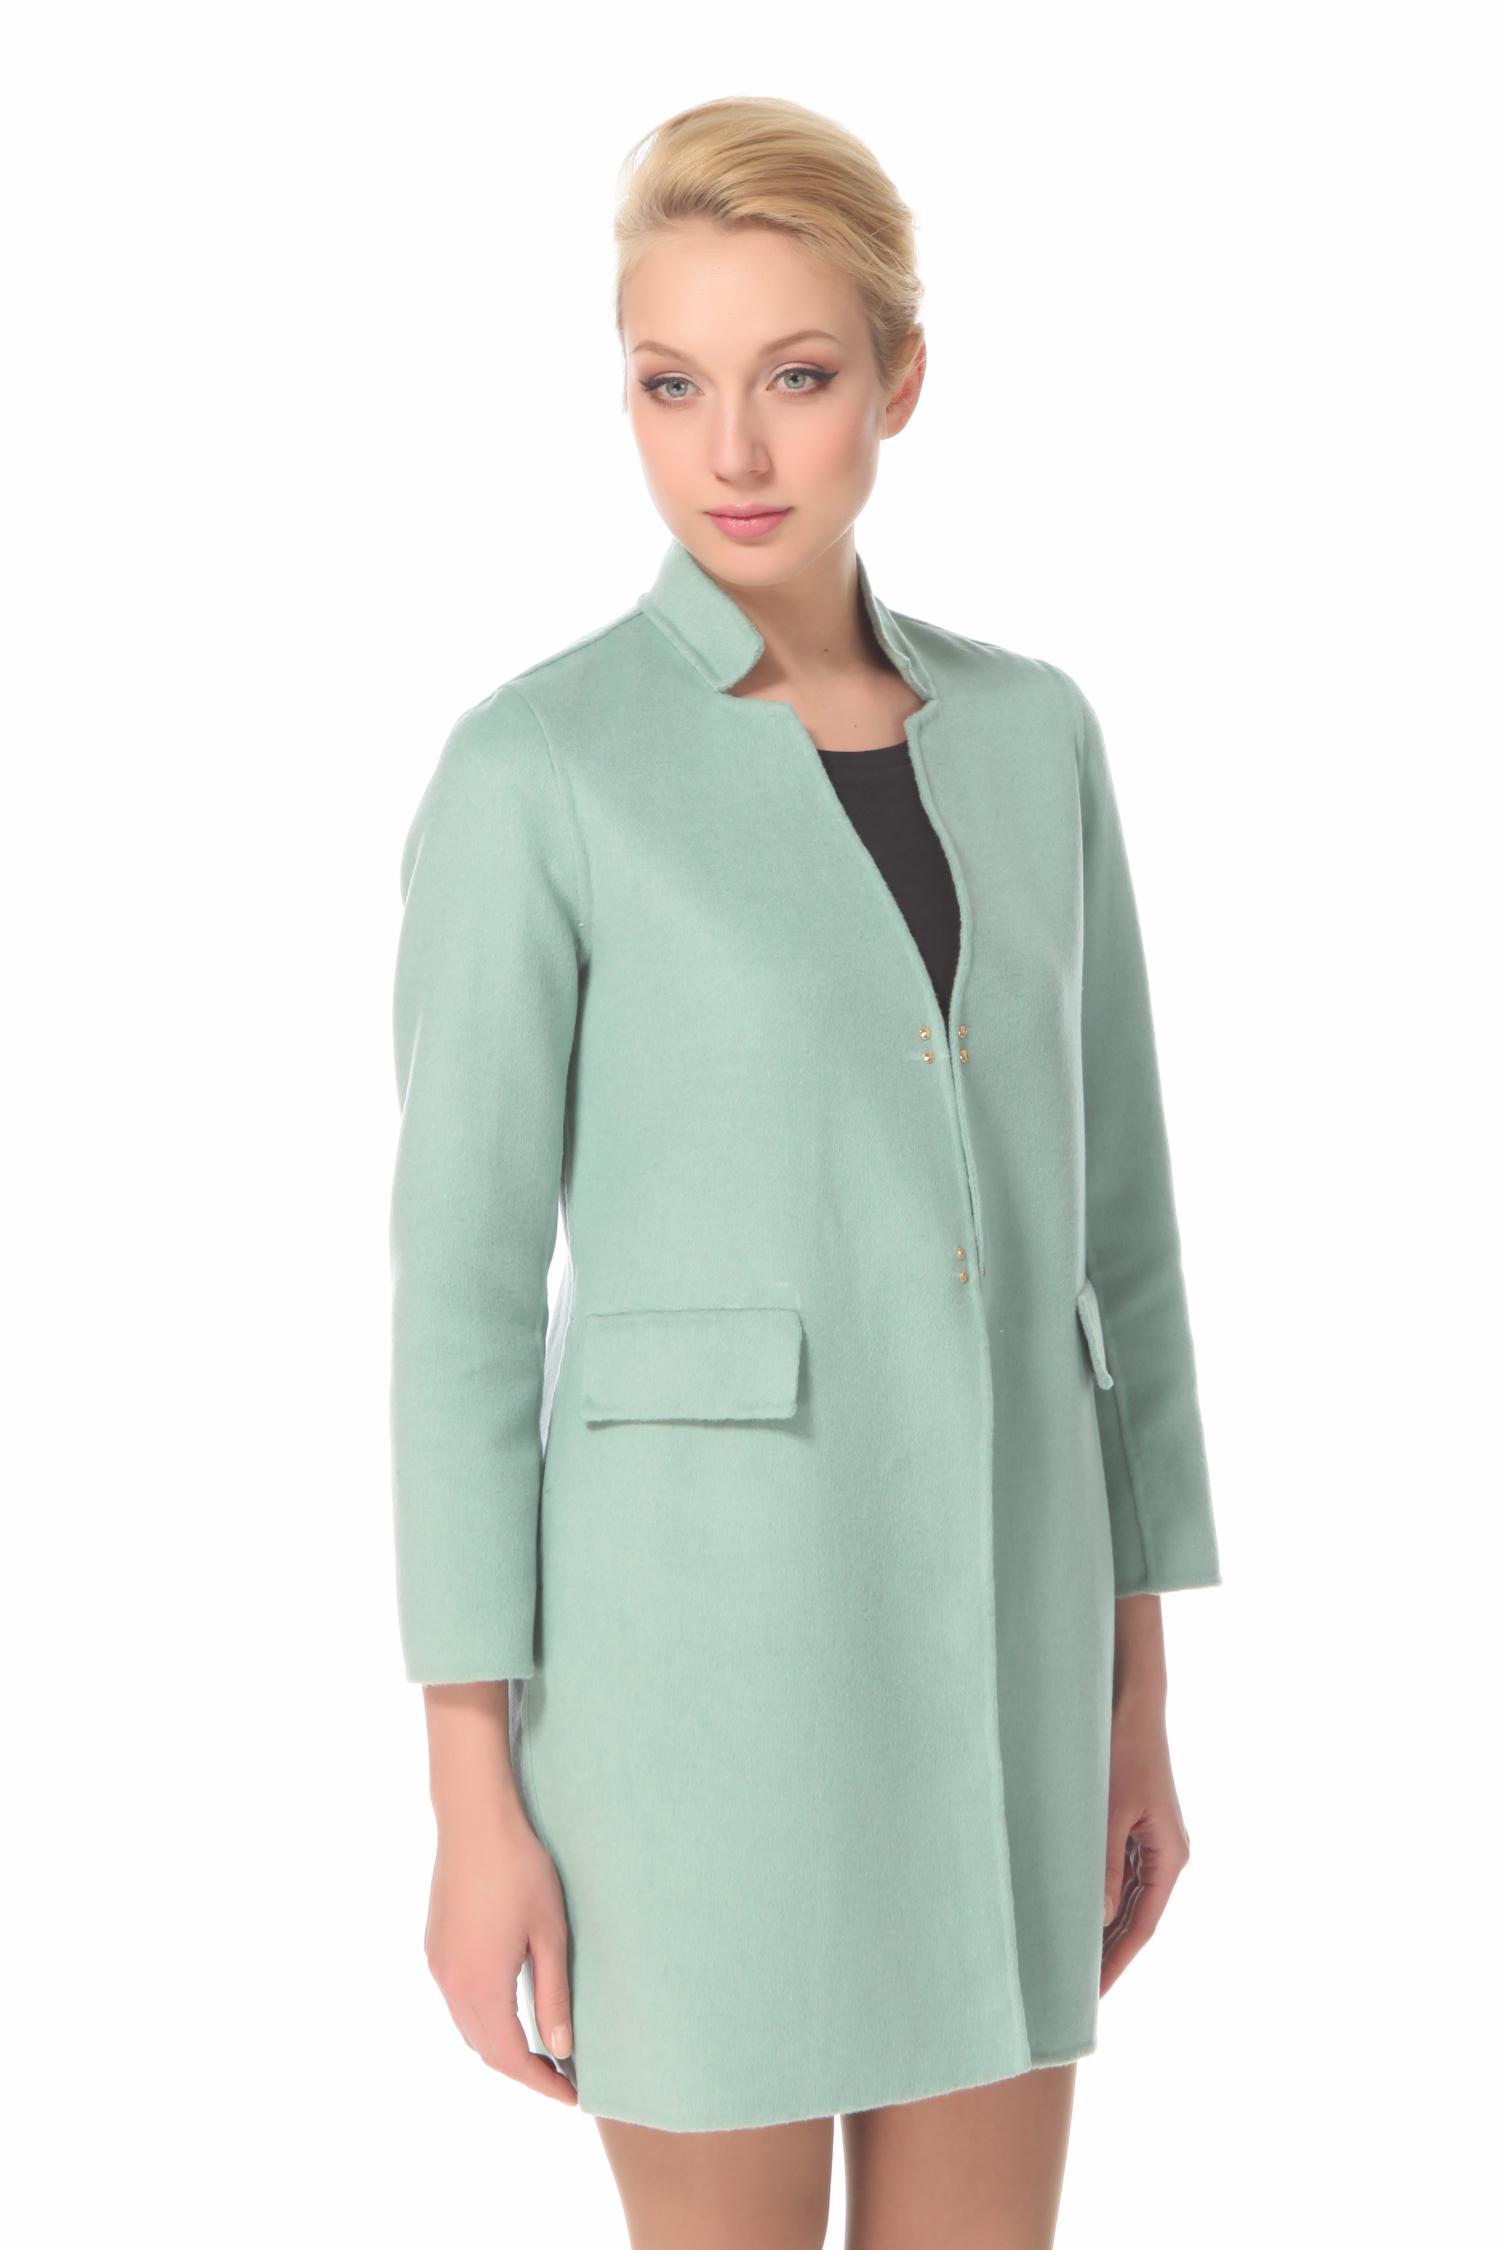 Женское пальто с воротником, без отделки<br><br>Воротник: Стойка<br>Длина см: 90<br>Материал: 70% шерсть 30% кашемир<br>Цвет: Бирюзовый<br>Пол: Женский